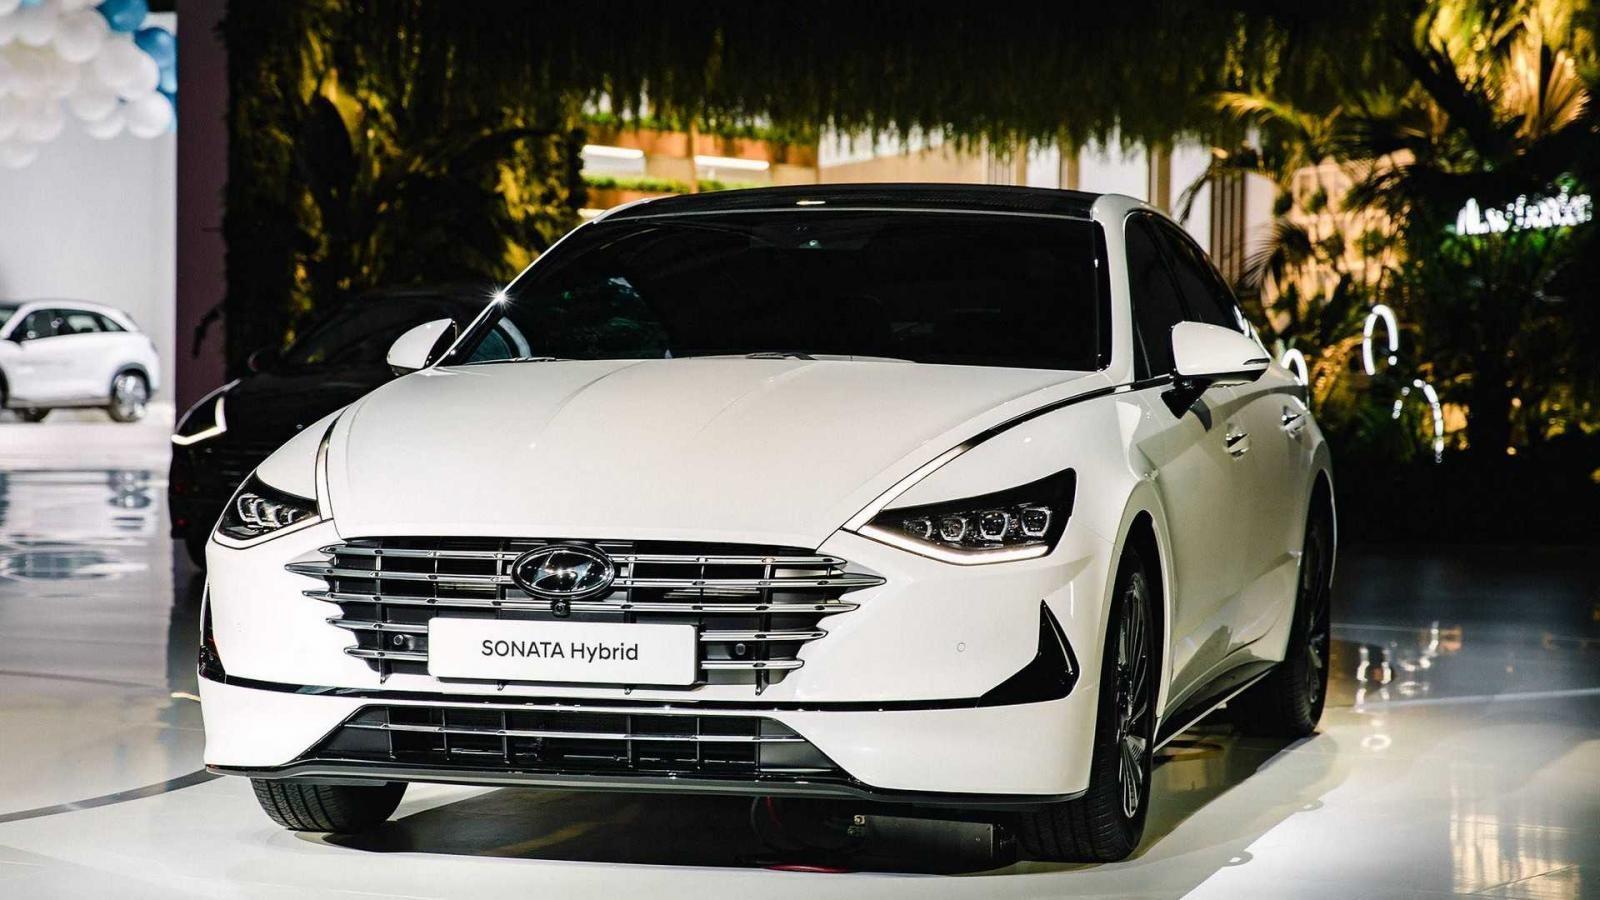 Hyundai Sonata Hybrid 2020 cũng được trưng bày trong triển lãm Ô tô Seoul 2019